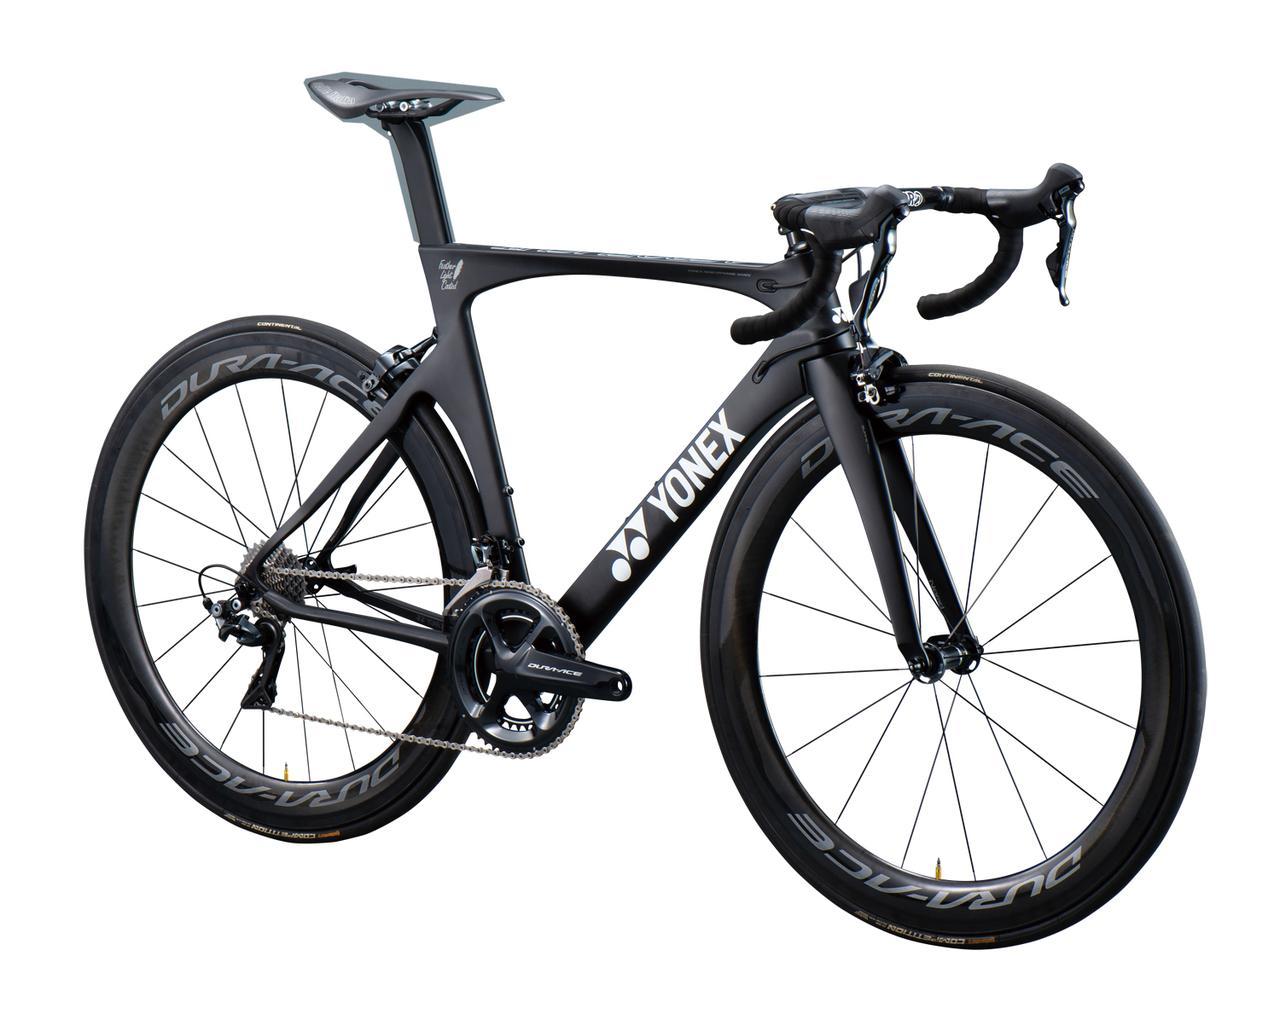 画像2: ヨネックスの自転車 カーボンエアロロードバイクフレーム「AEROFLIGHT」(エアロフライト)の性能と価格